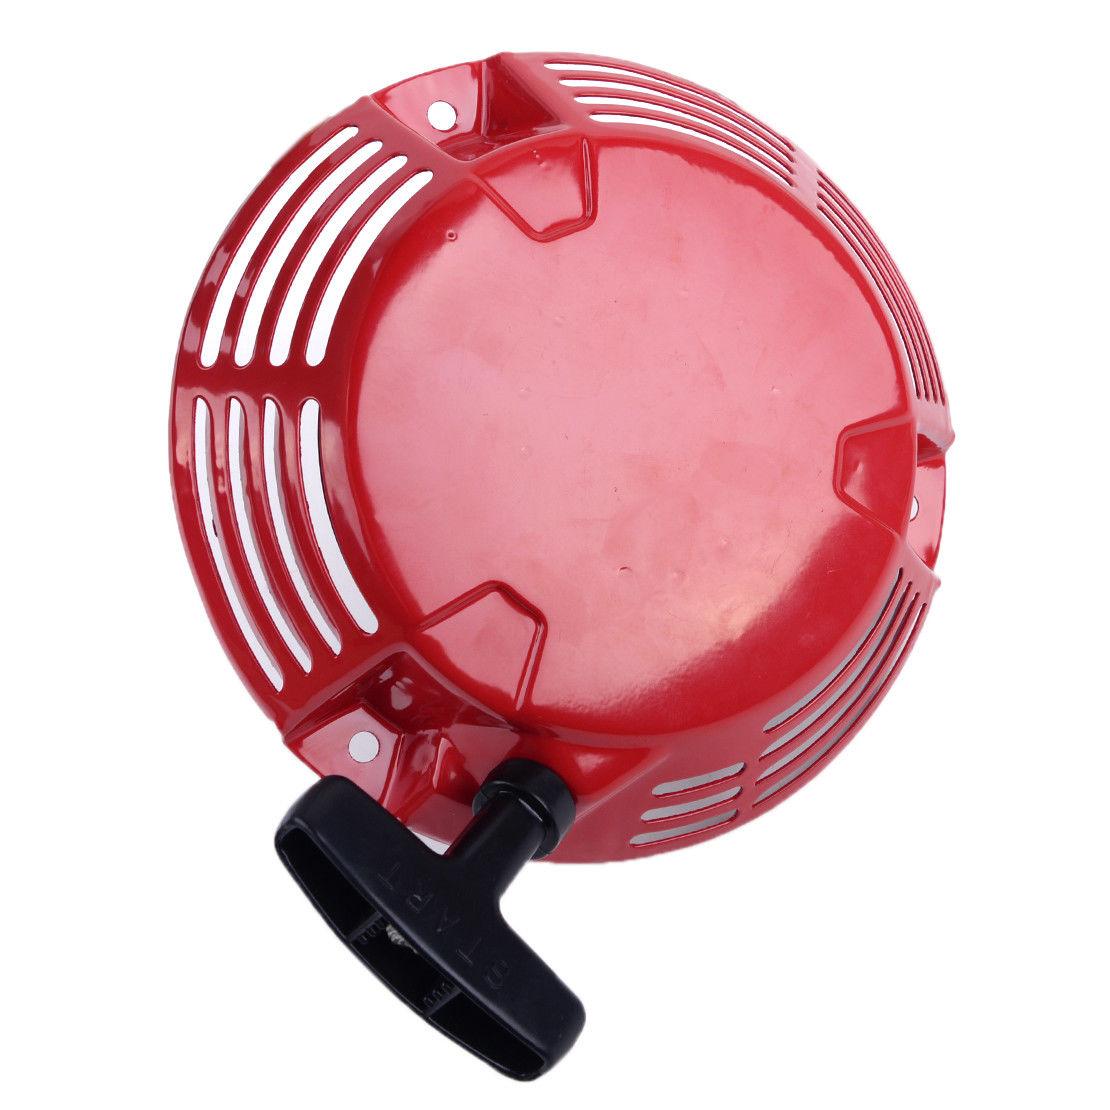 Recoil Pull Starter For Honda HR216 HRA216 HRC216 Push Mower 28400-ZE7-003ZC Kits